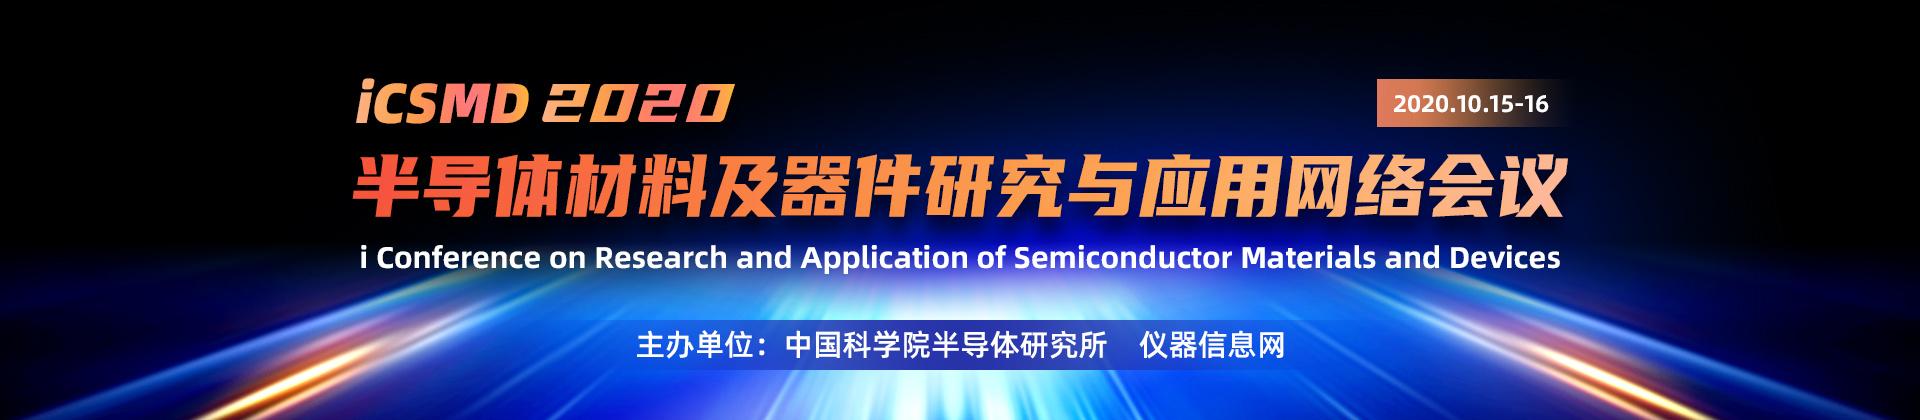 2020-10-15 09:00 首届半导体材料与器件研究与应用网络会议(iCSMD 2020)